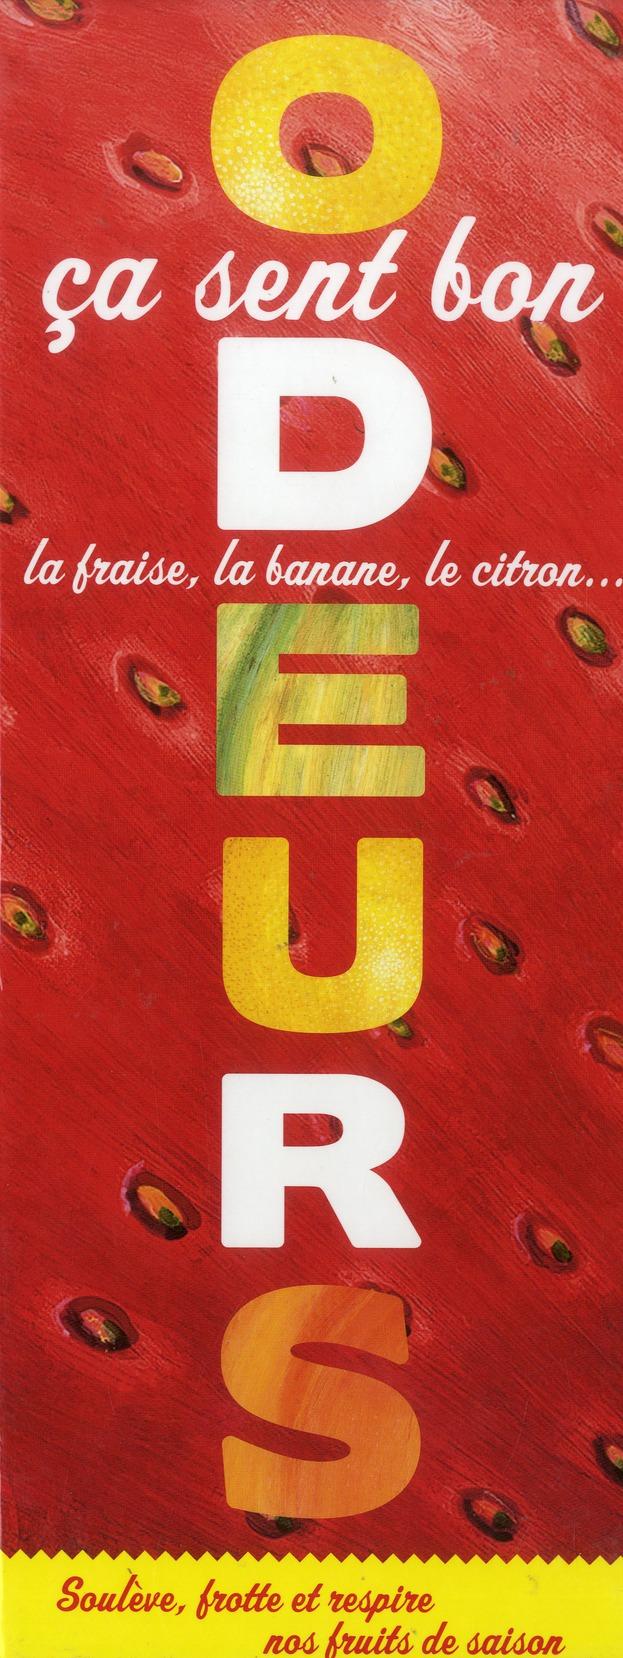 ODEURS. CA SENT BON LA FRAISE, LA BANANE, LE CITRON...